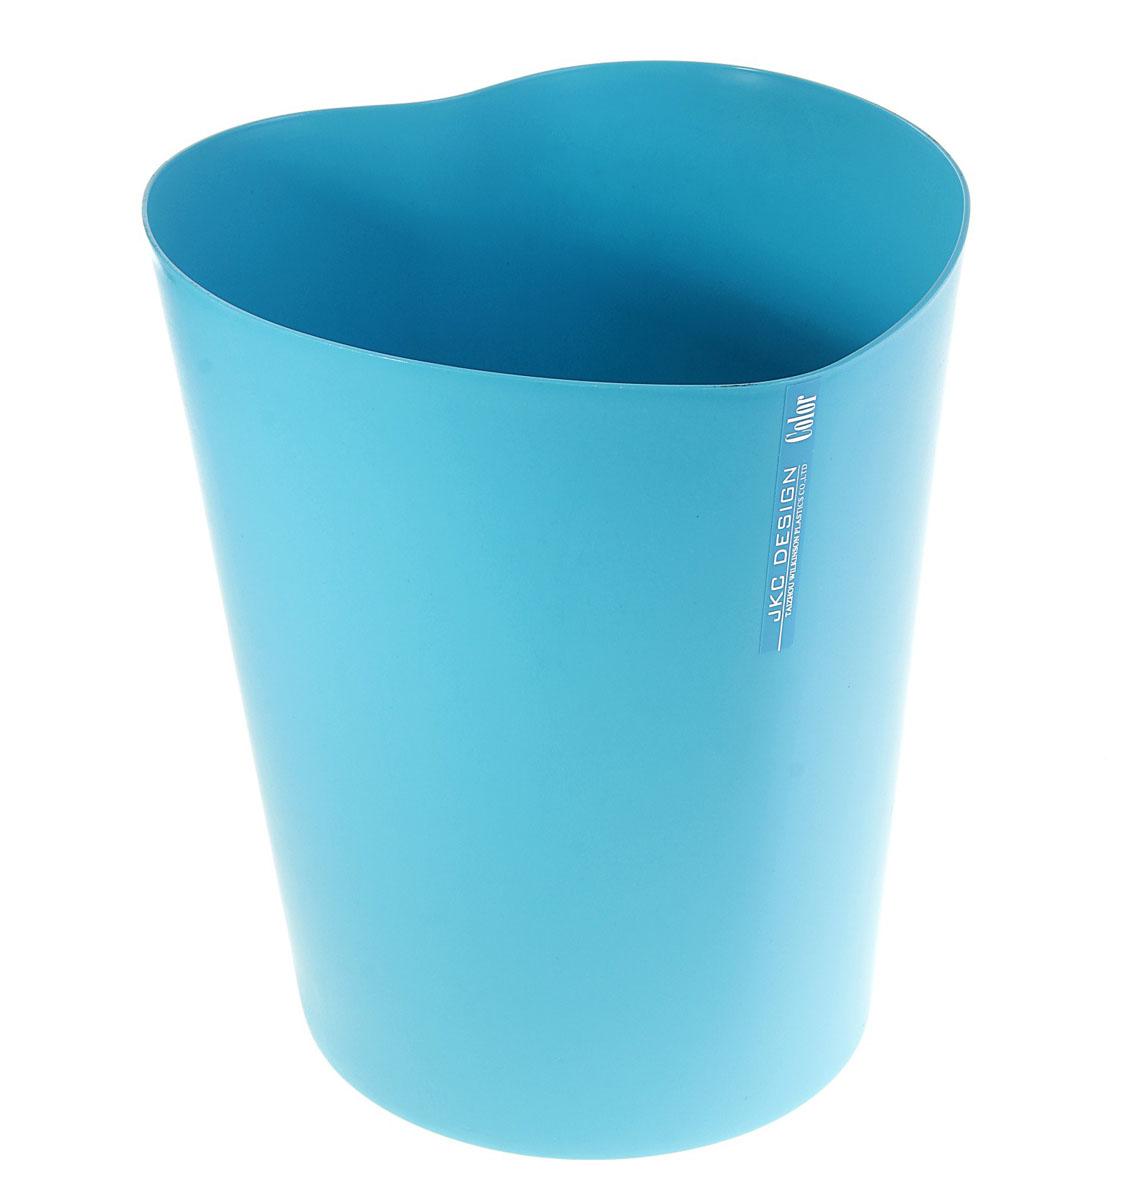 Ведро Sima-land Сердце, цвет: синий, высота 28 см147482Ведро Sima-land Сердце изготовлено из пластика и предназначено для складывания мусора, различных мелких предметов и материалов. Изделие выполнено в форме сердца.Размер ведра: 23 см х 26 см х 28 см.Диаметр дна: 18,5 см.